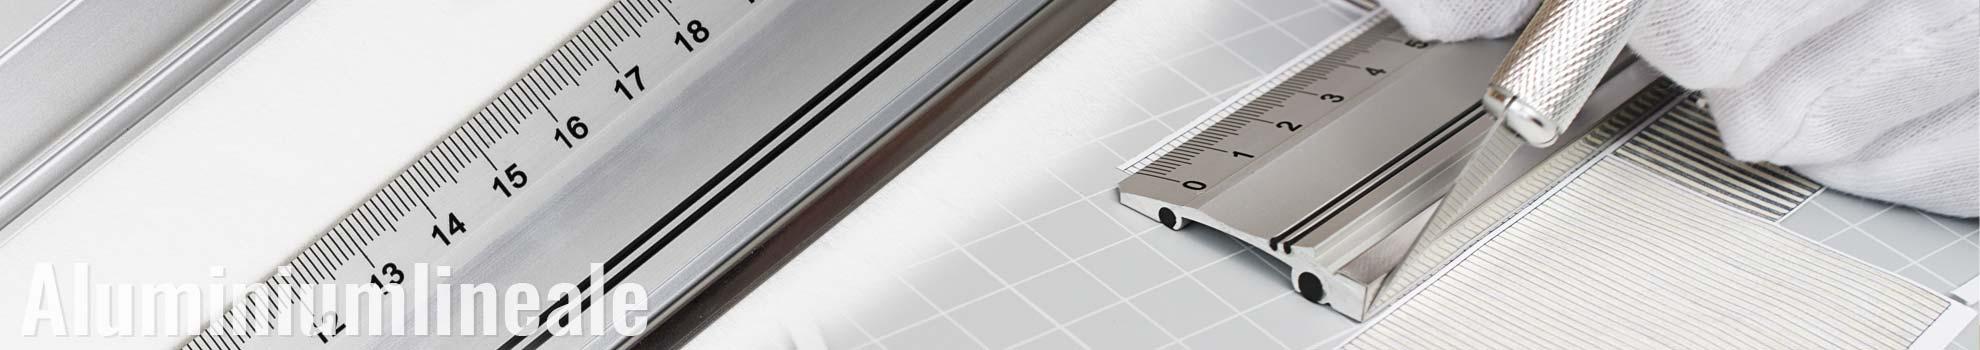 Aluminiumlineale 150cm